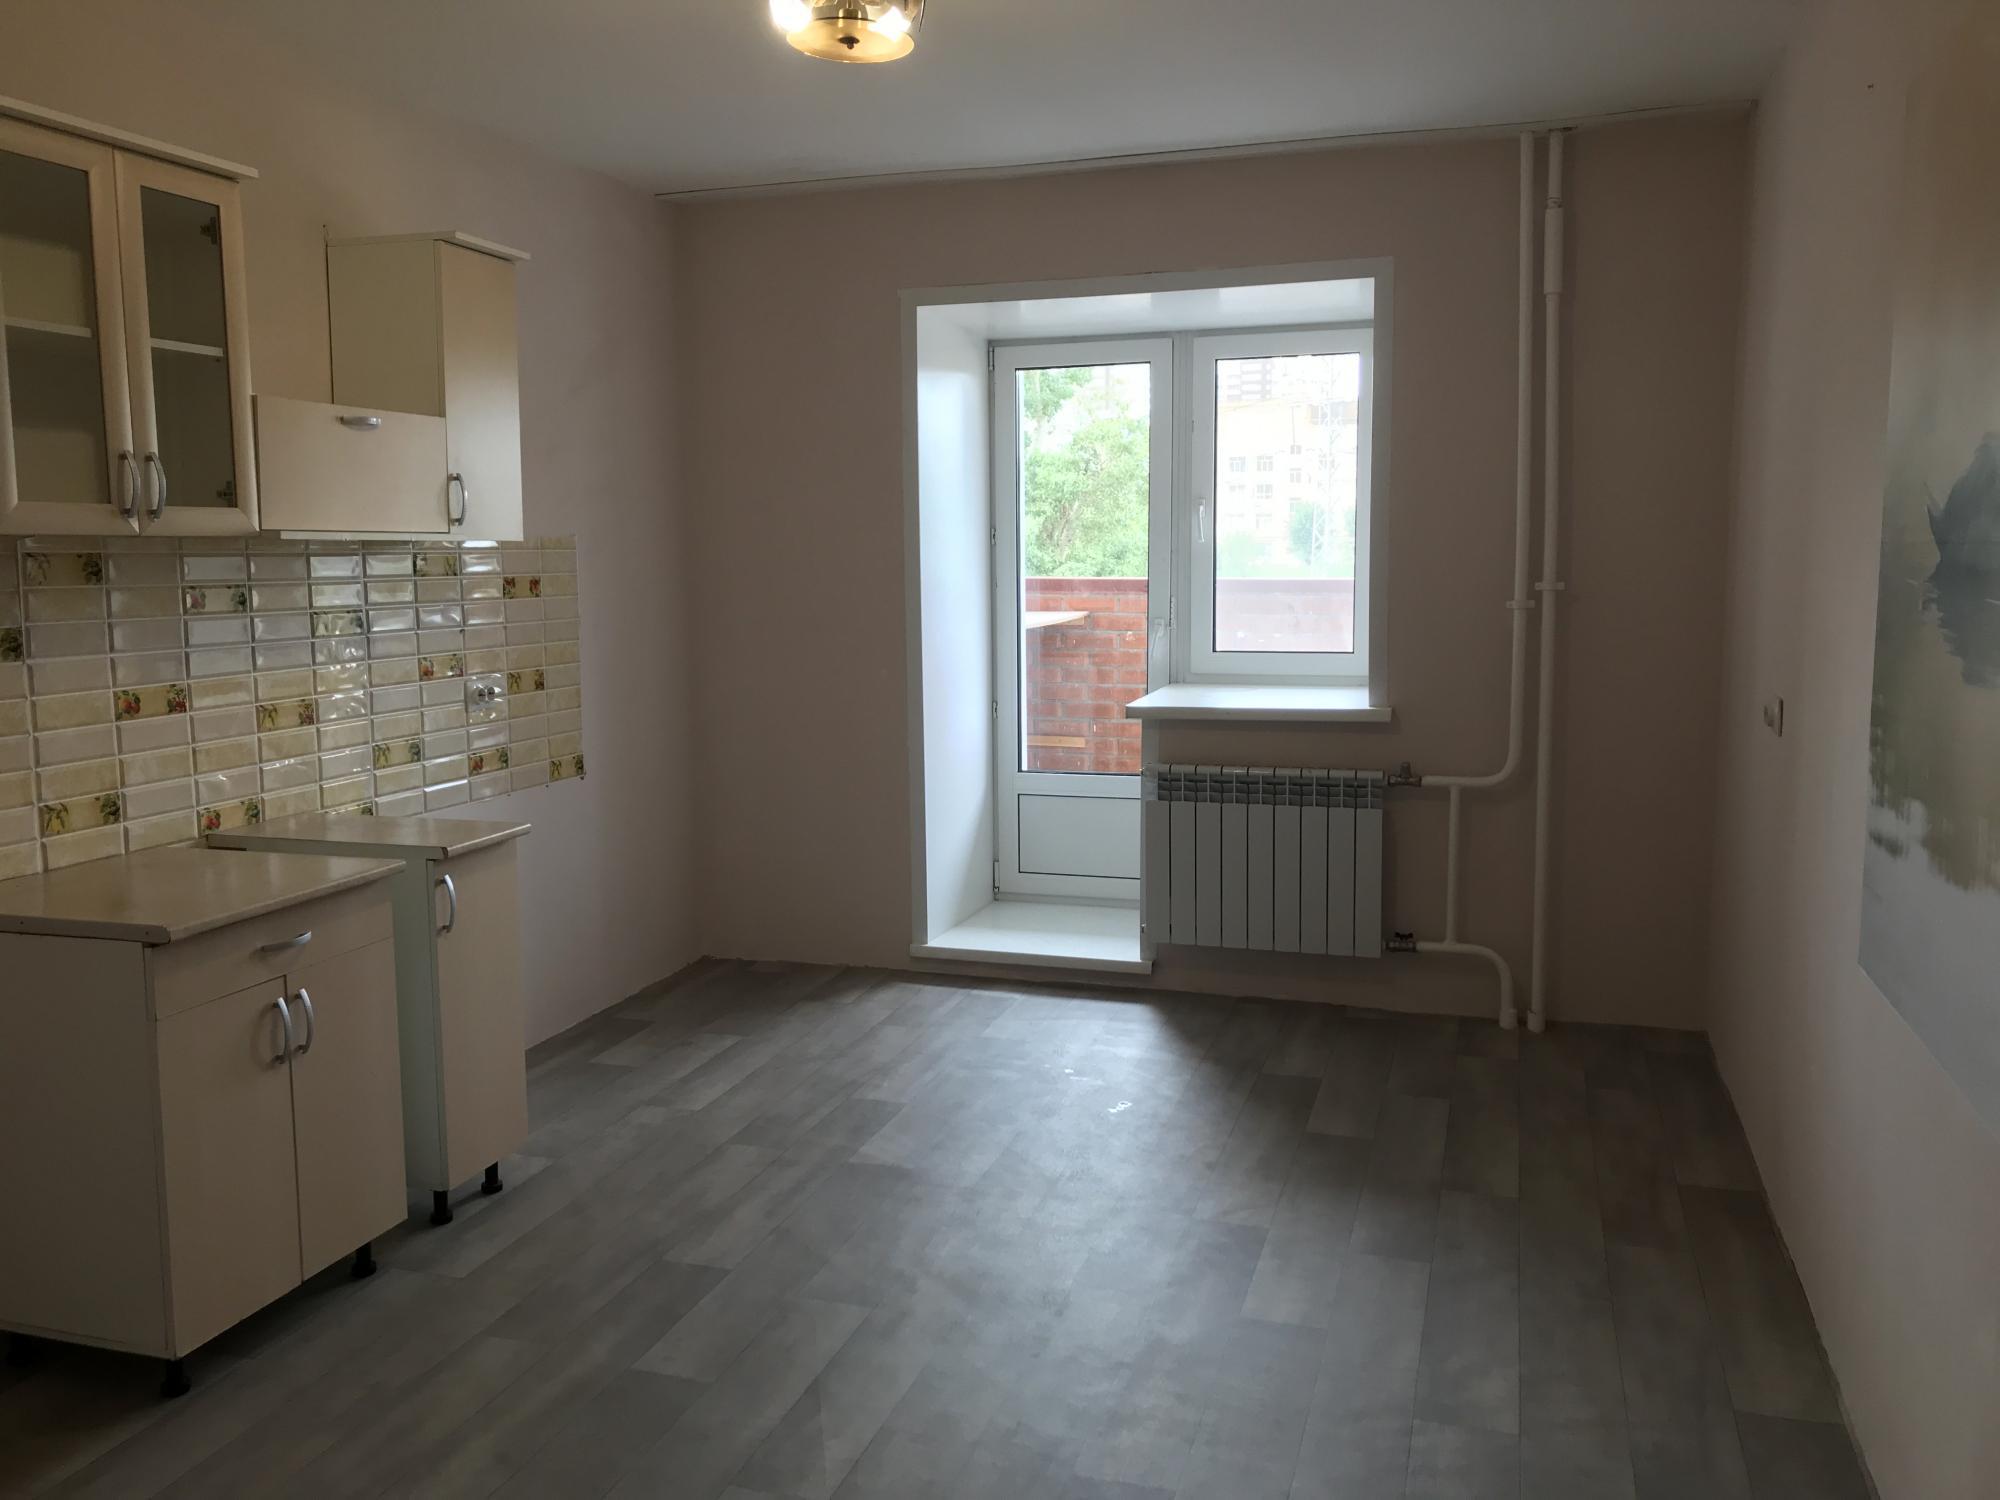 1к квартира 2-я Огородная улица, 24 | 13500 | аренда в Красноярске фото 3